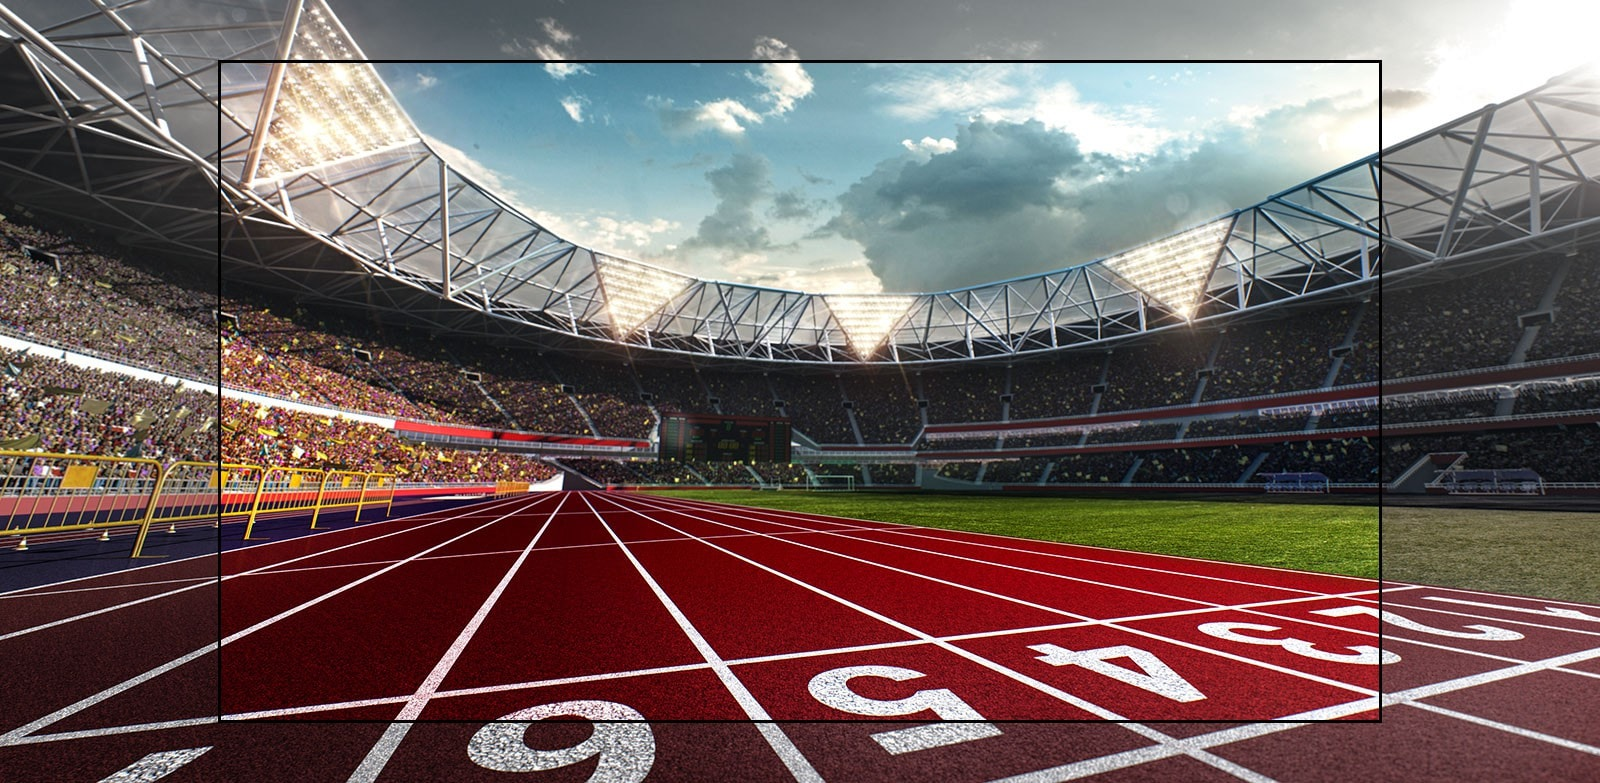 На экране телевизора показан стадион, на переднем плане беговая дорожка. Стадион полон зрителей.